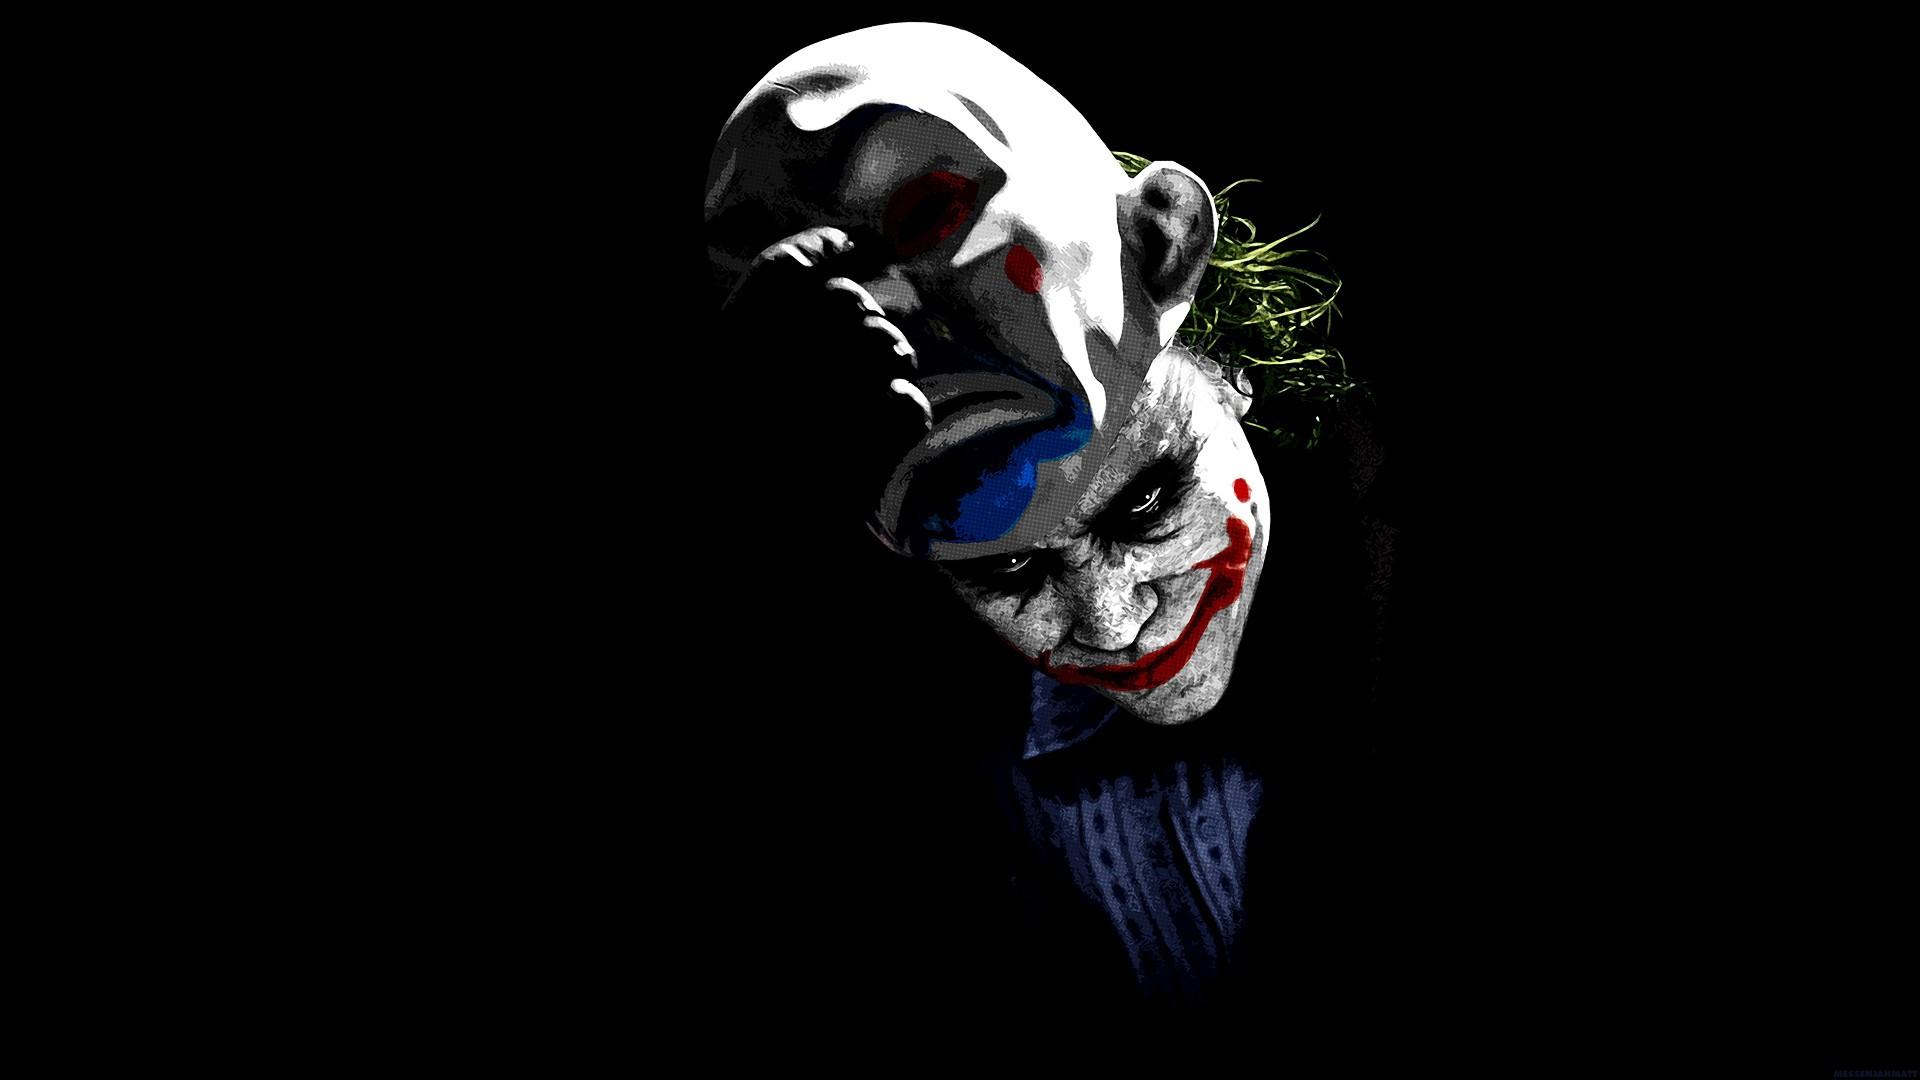 Scary Clown HD Wallpaper